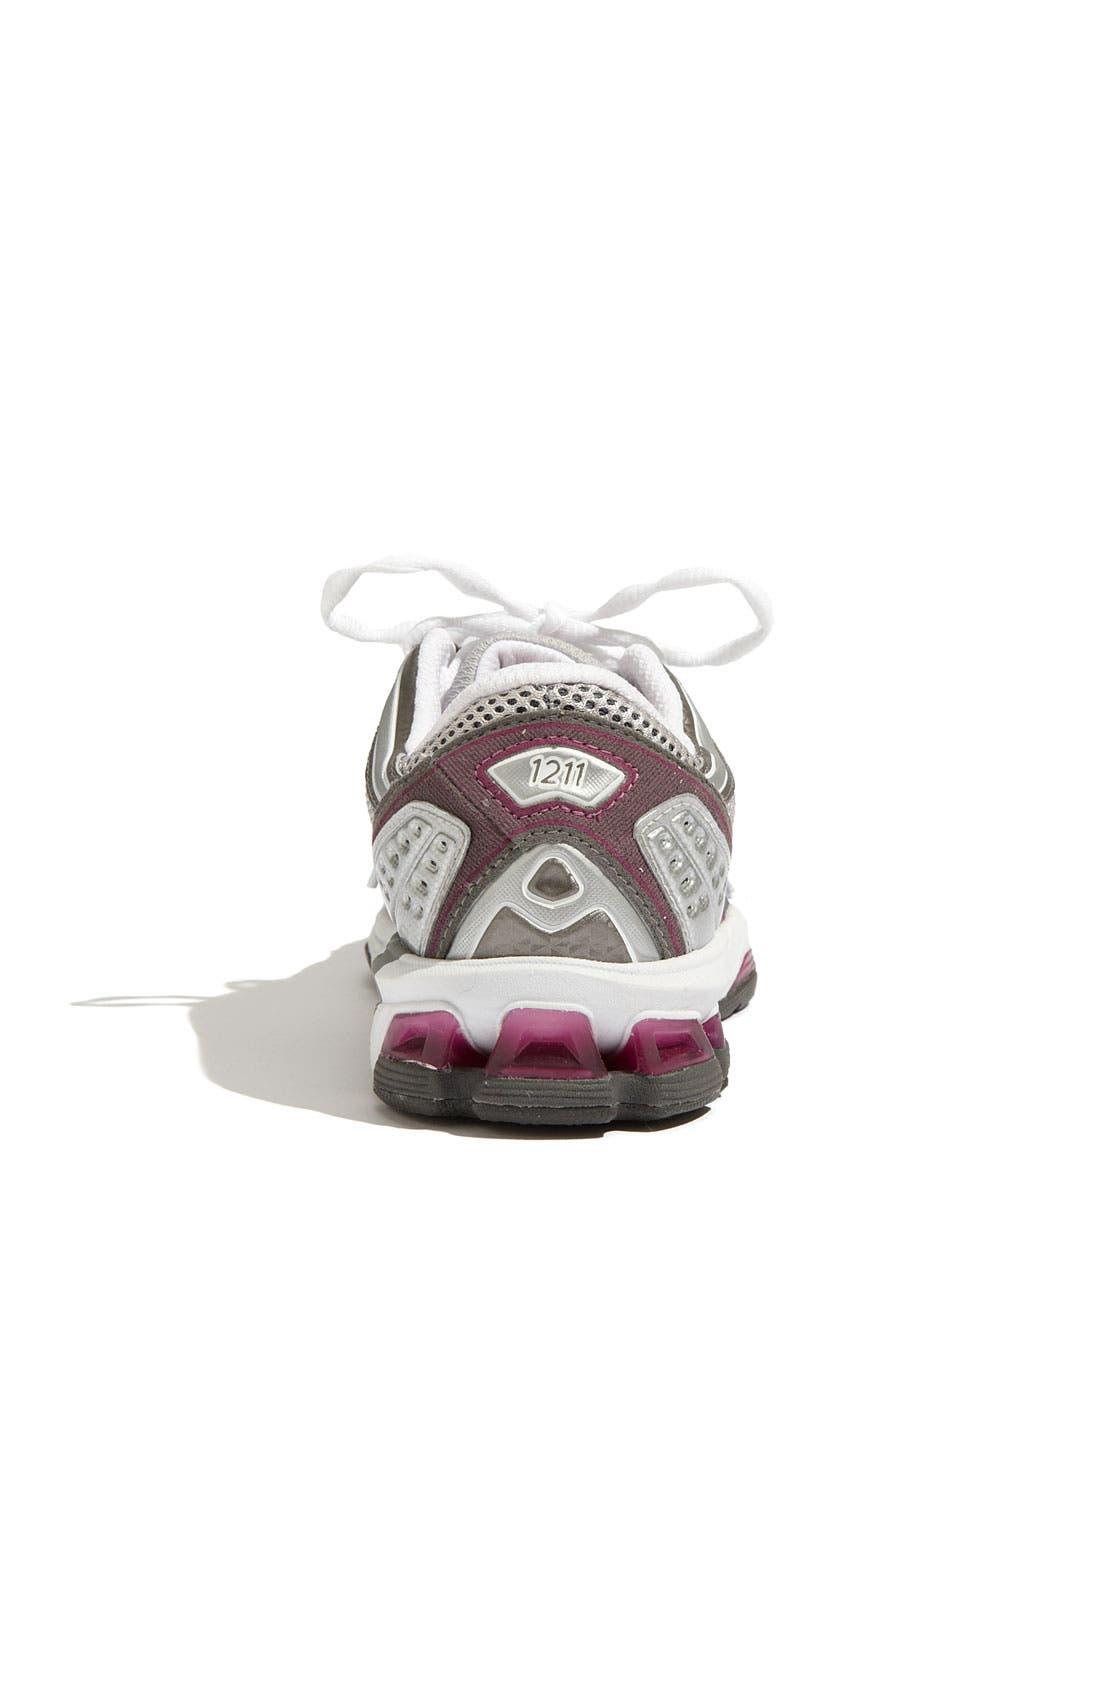 Alternate Image 3  - New Balance '1211' Training Shoe (Women)